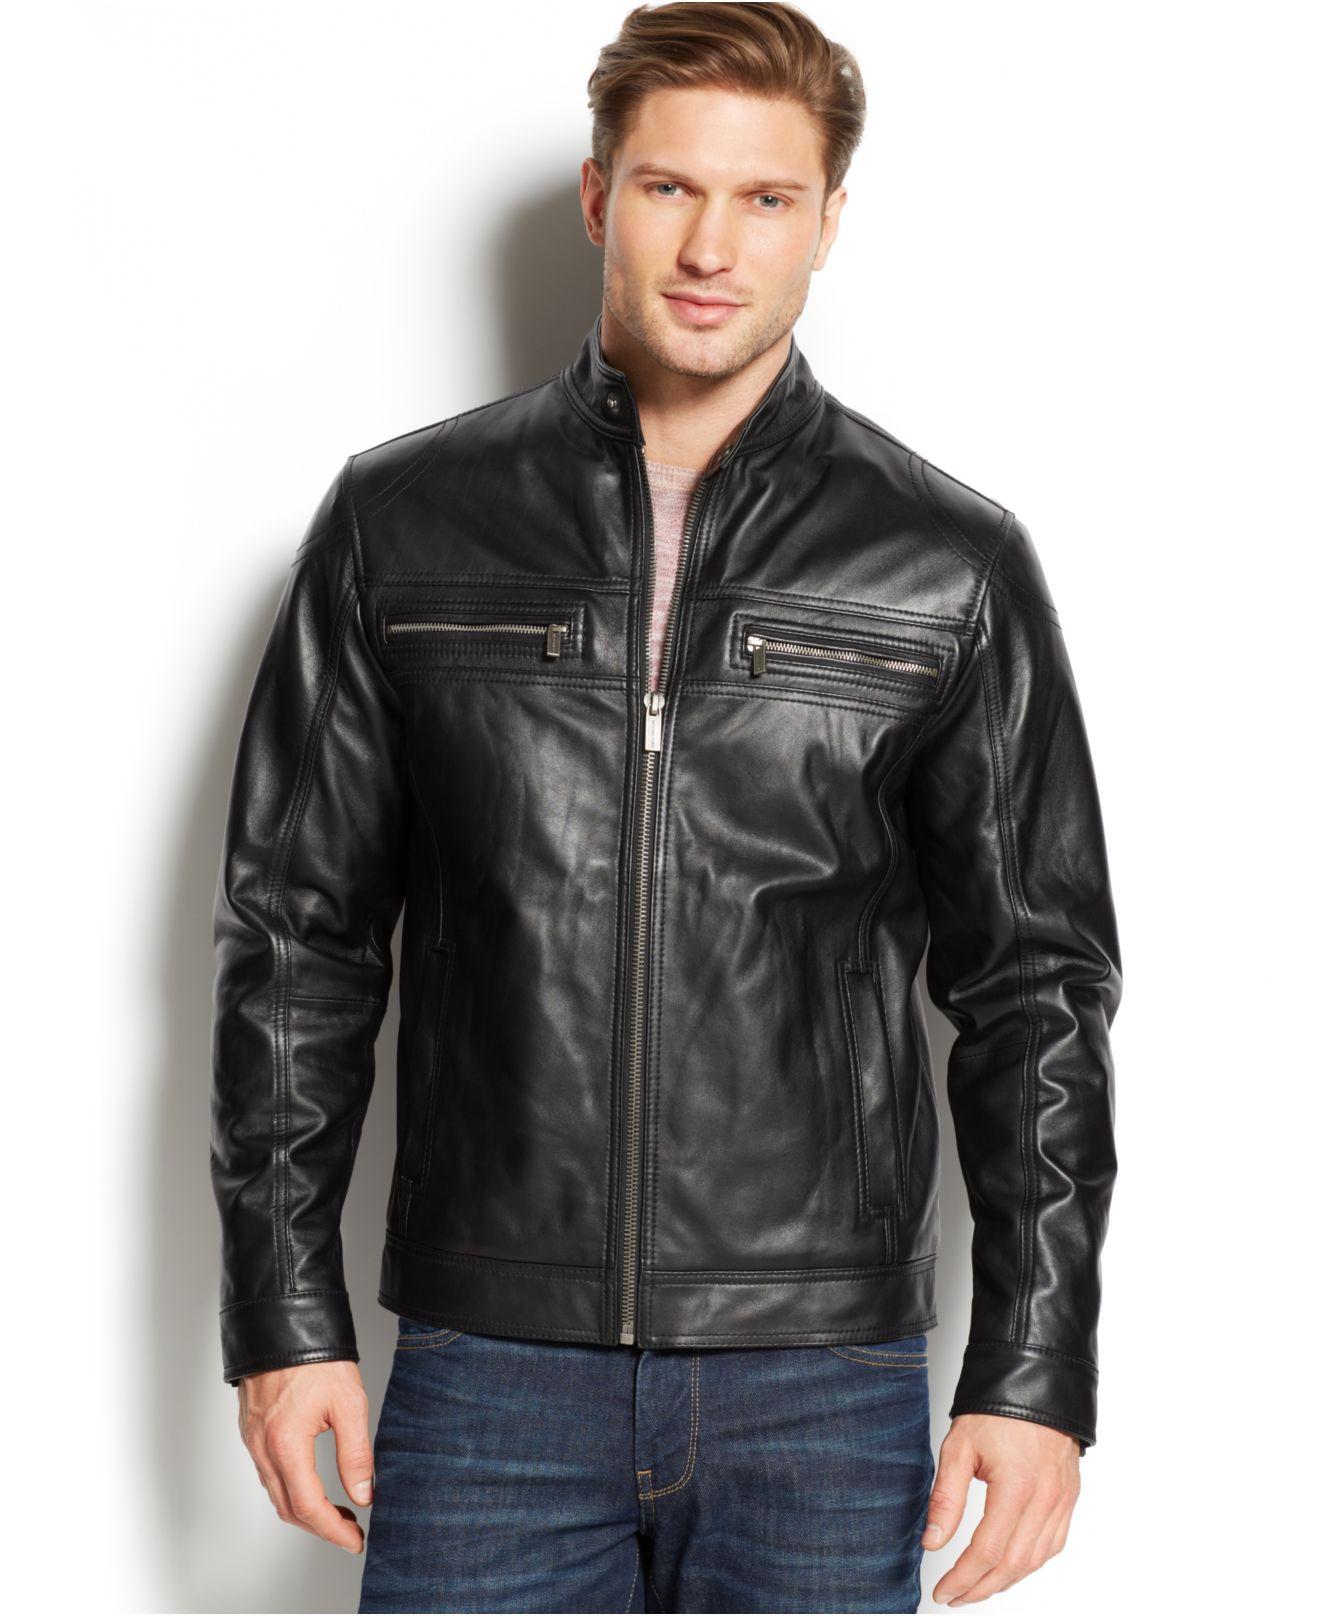 michael kors michael leather moto jacket in black for men lyst. Black Bedroom Furniture Sets. Home Design Ideas